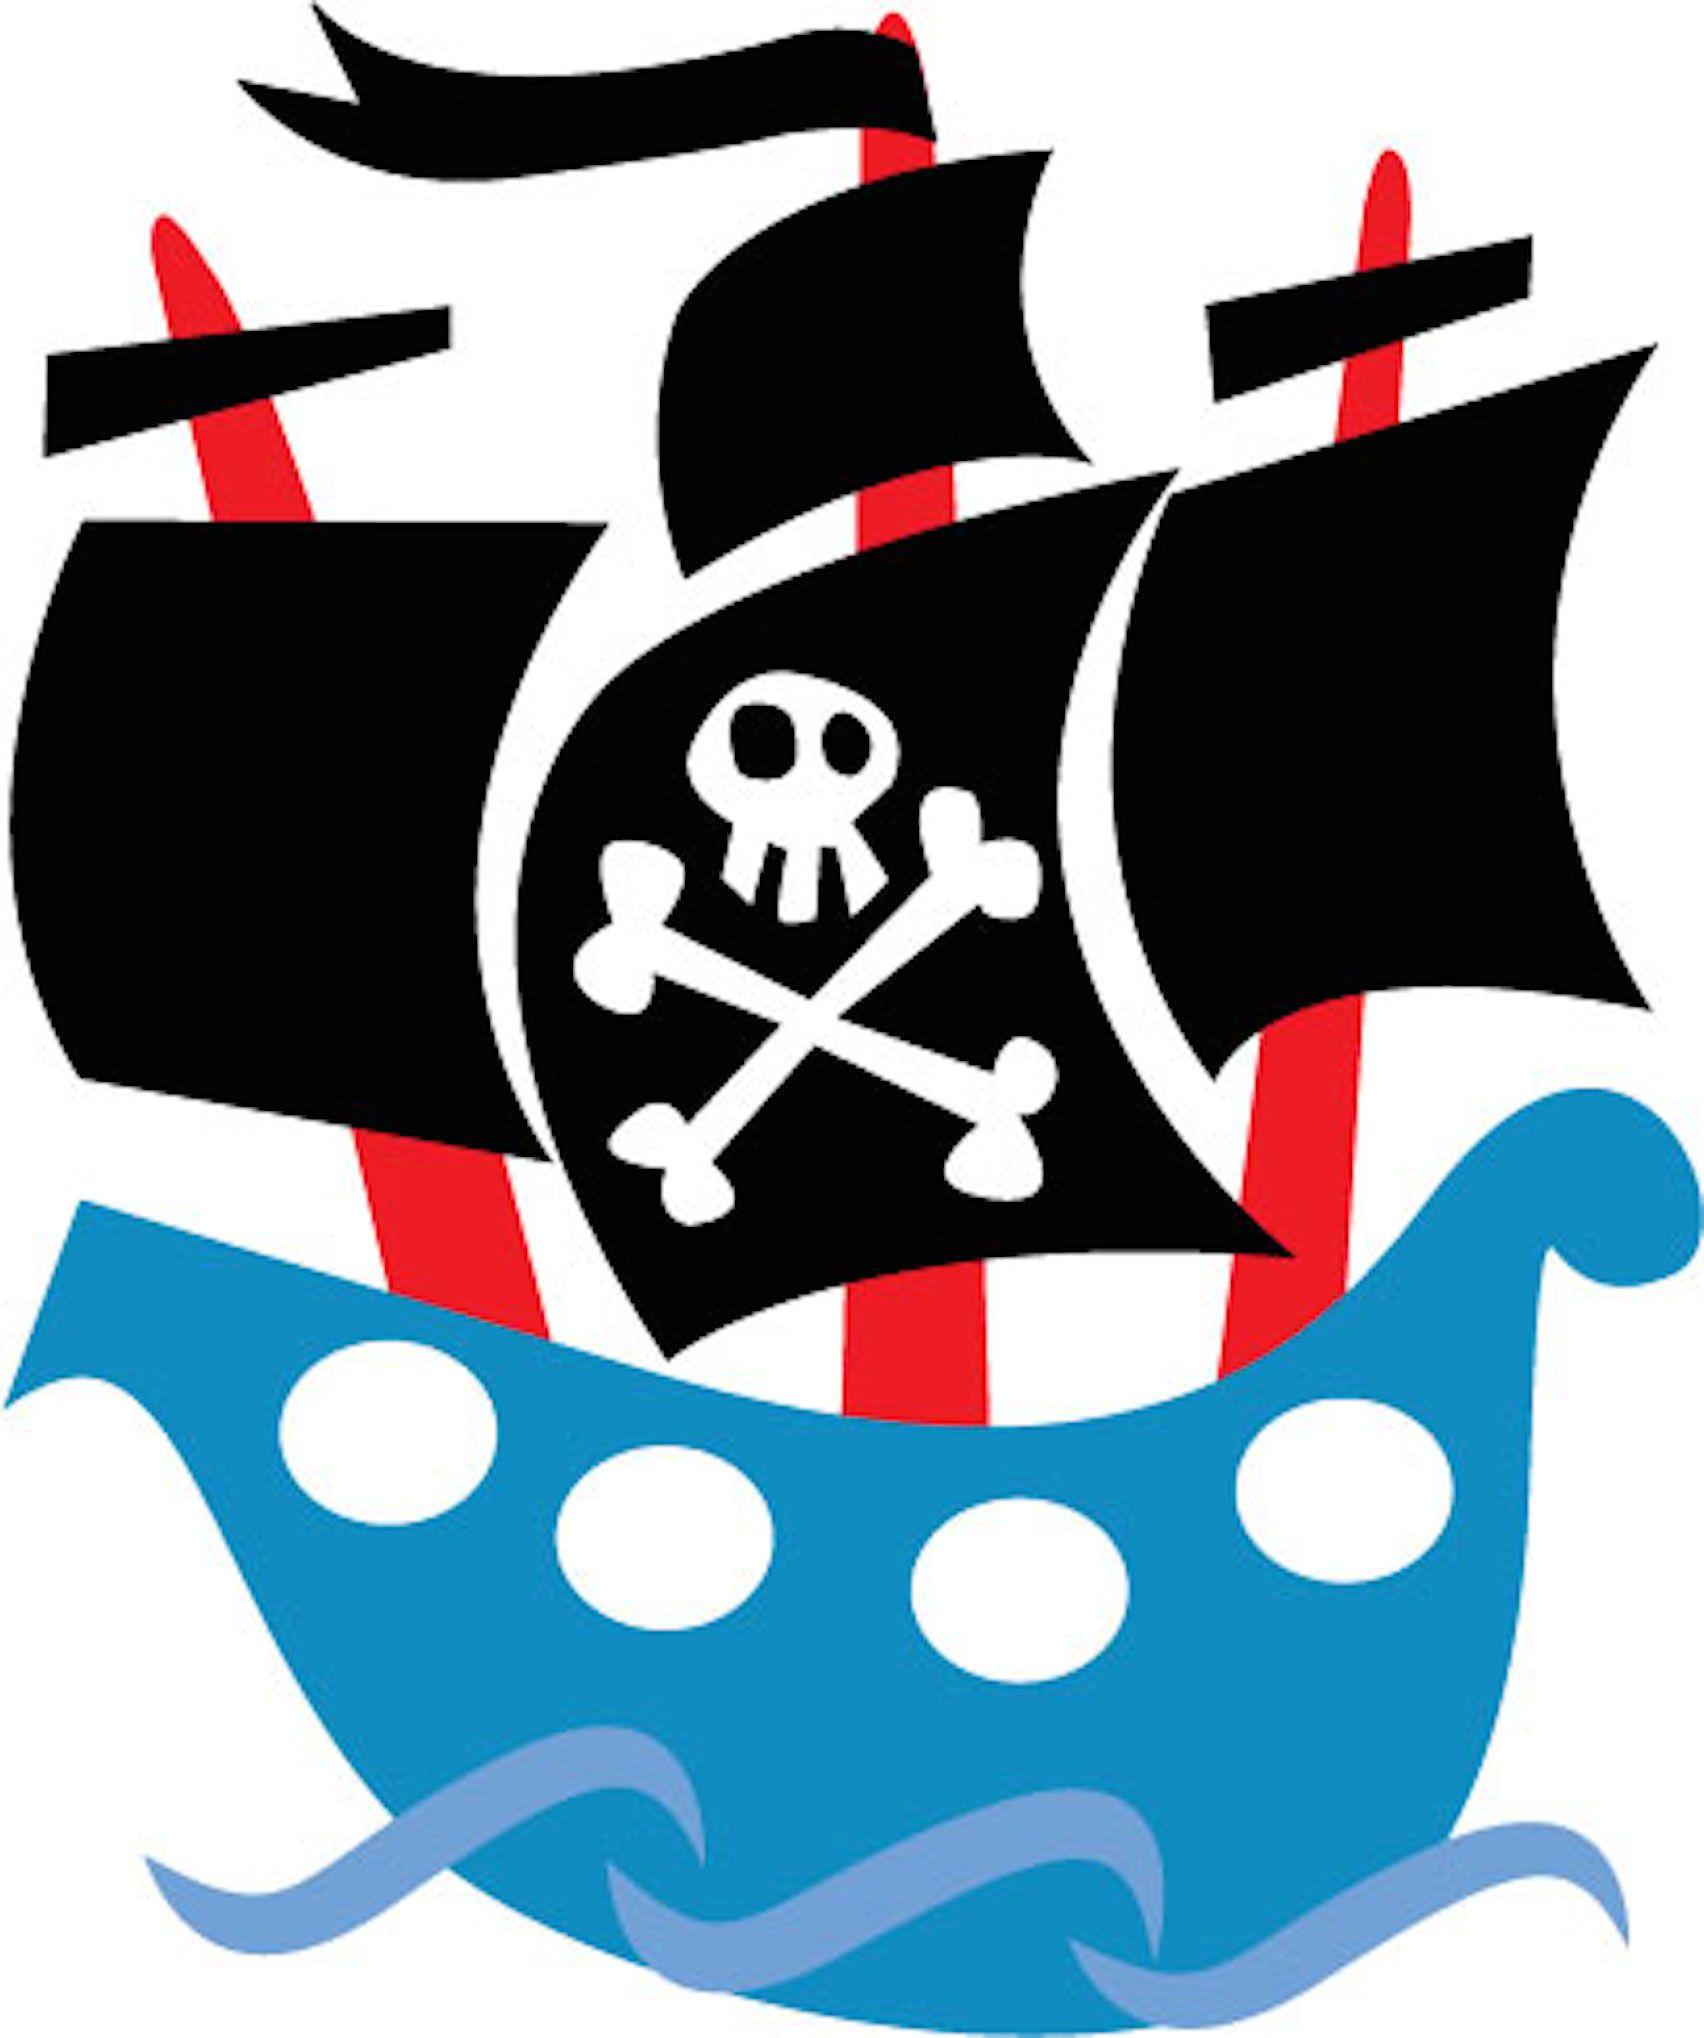 resultado de imagen para pirate ship clipart transportes lindos rh pinterest ch pirate ship sail clipart pirate ship clipart black and white